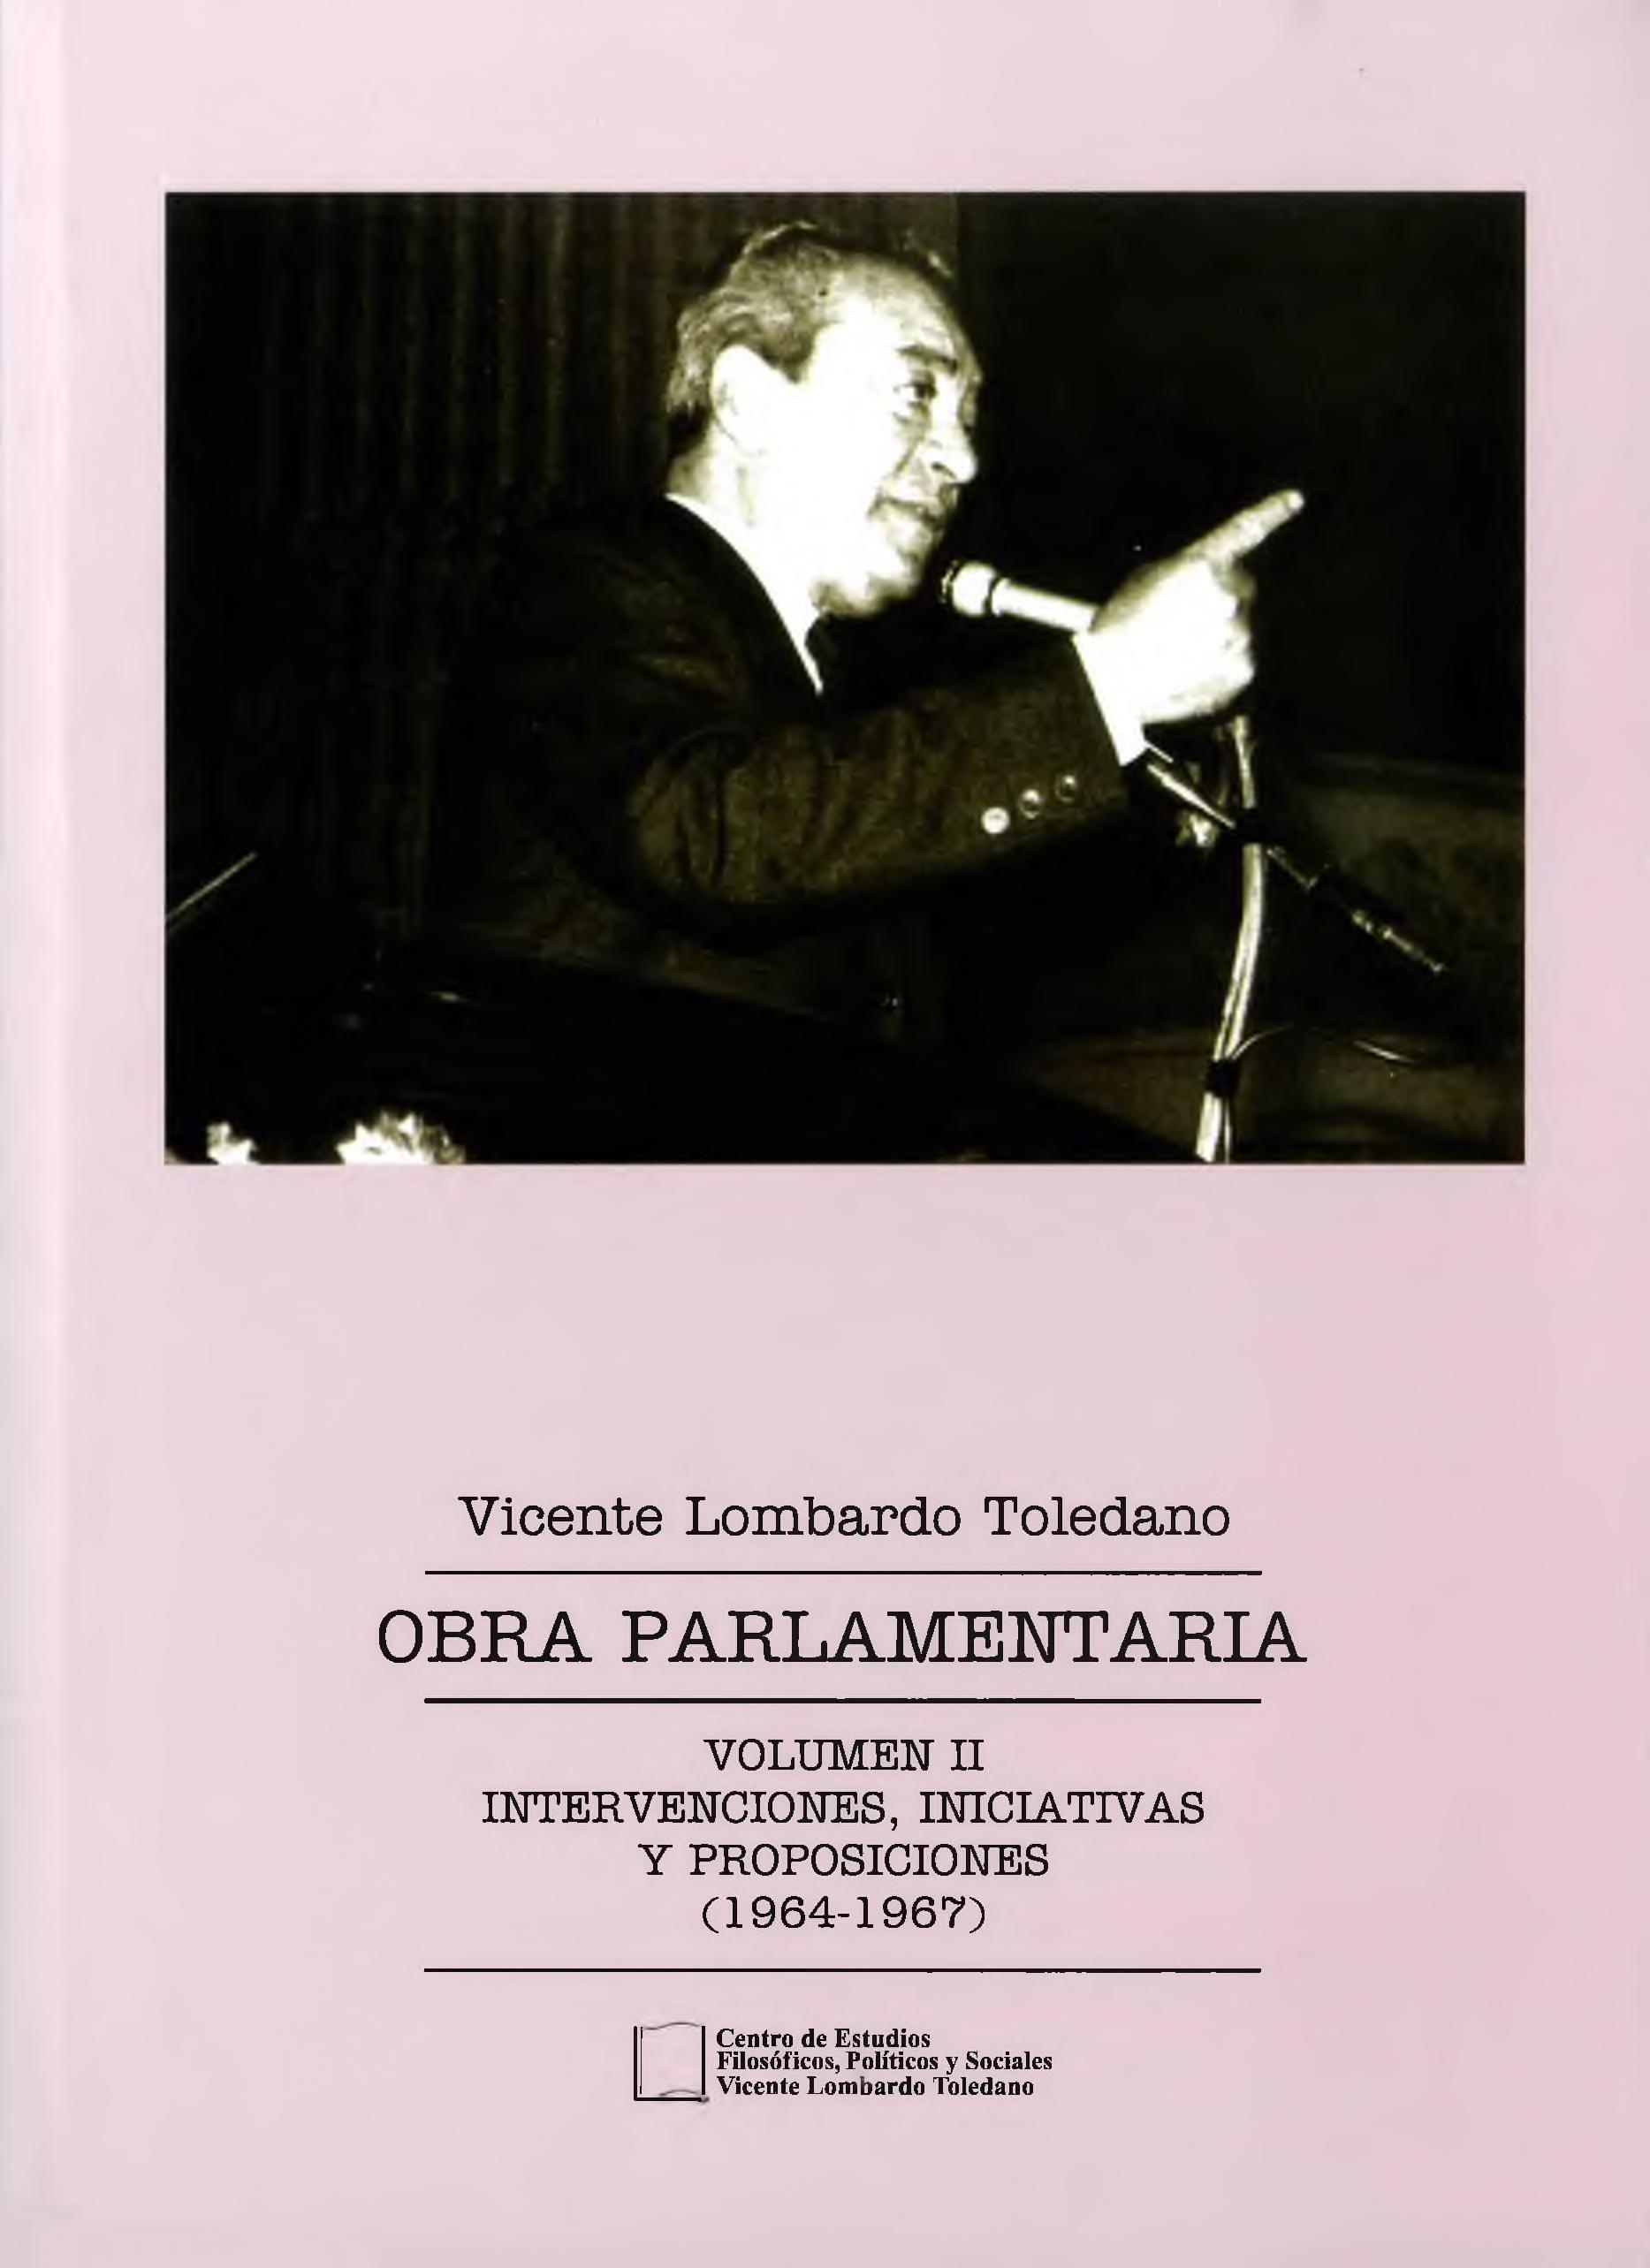 Portada del libro: OBRA PARLAMENTARIA VOL. II: INTERVENCIONES, INICIATIVAS, Y PROPOSICIONES (1964-1967)